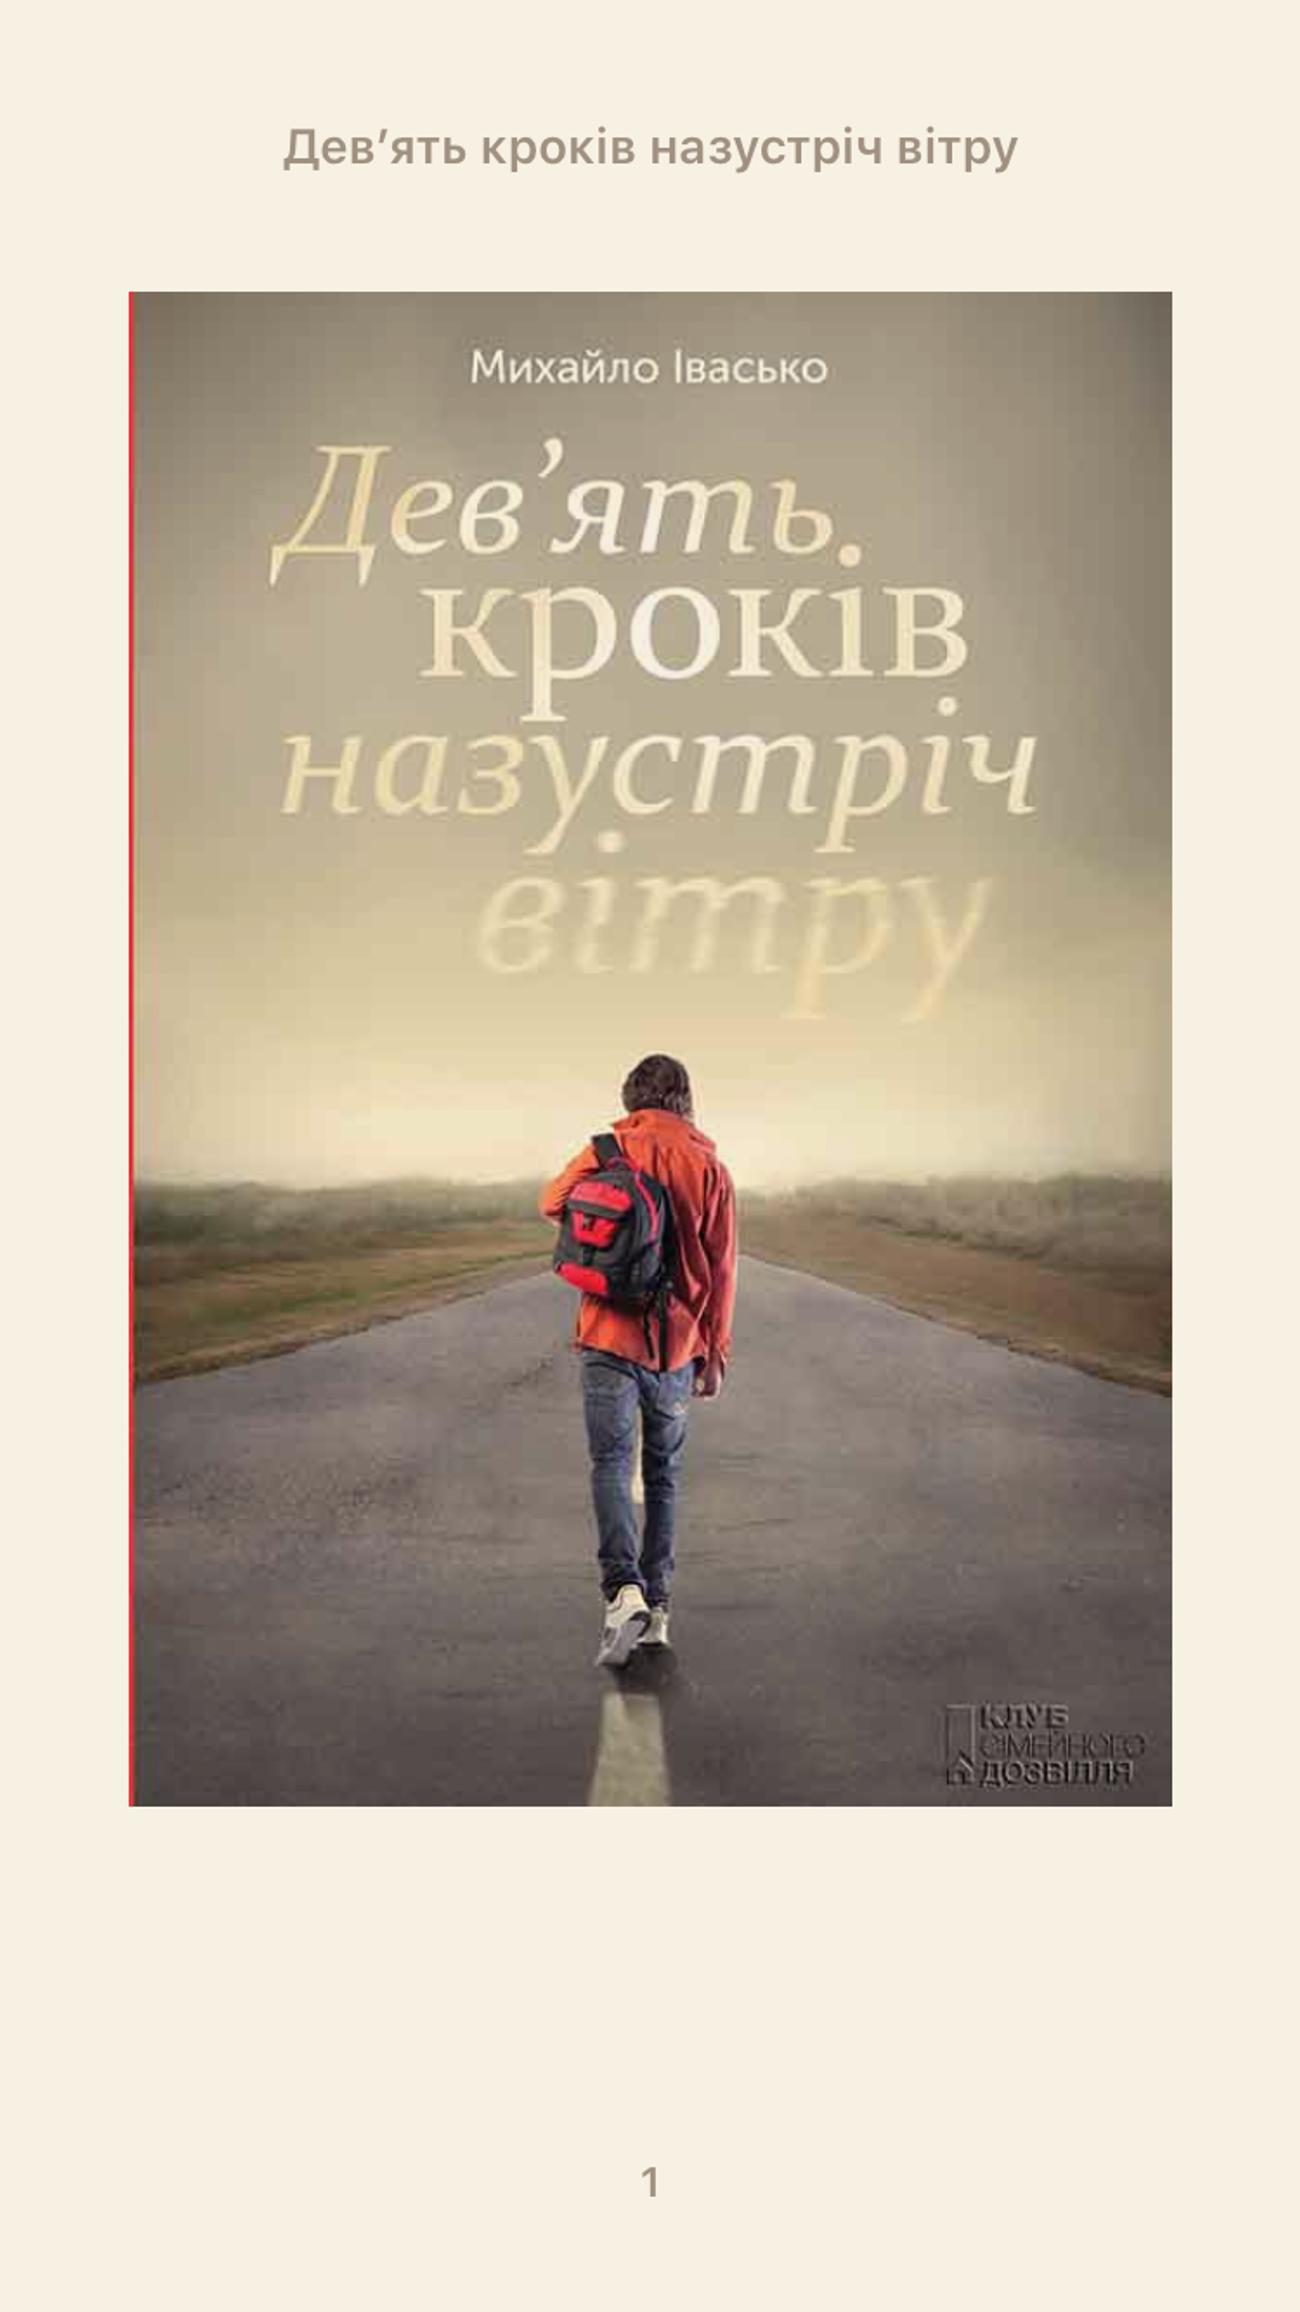 +1📚 что сейчас читаете ?